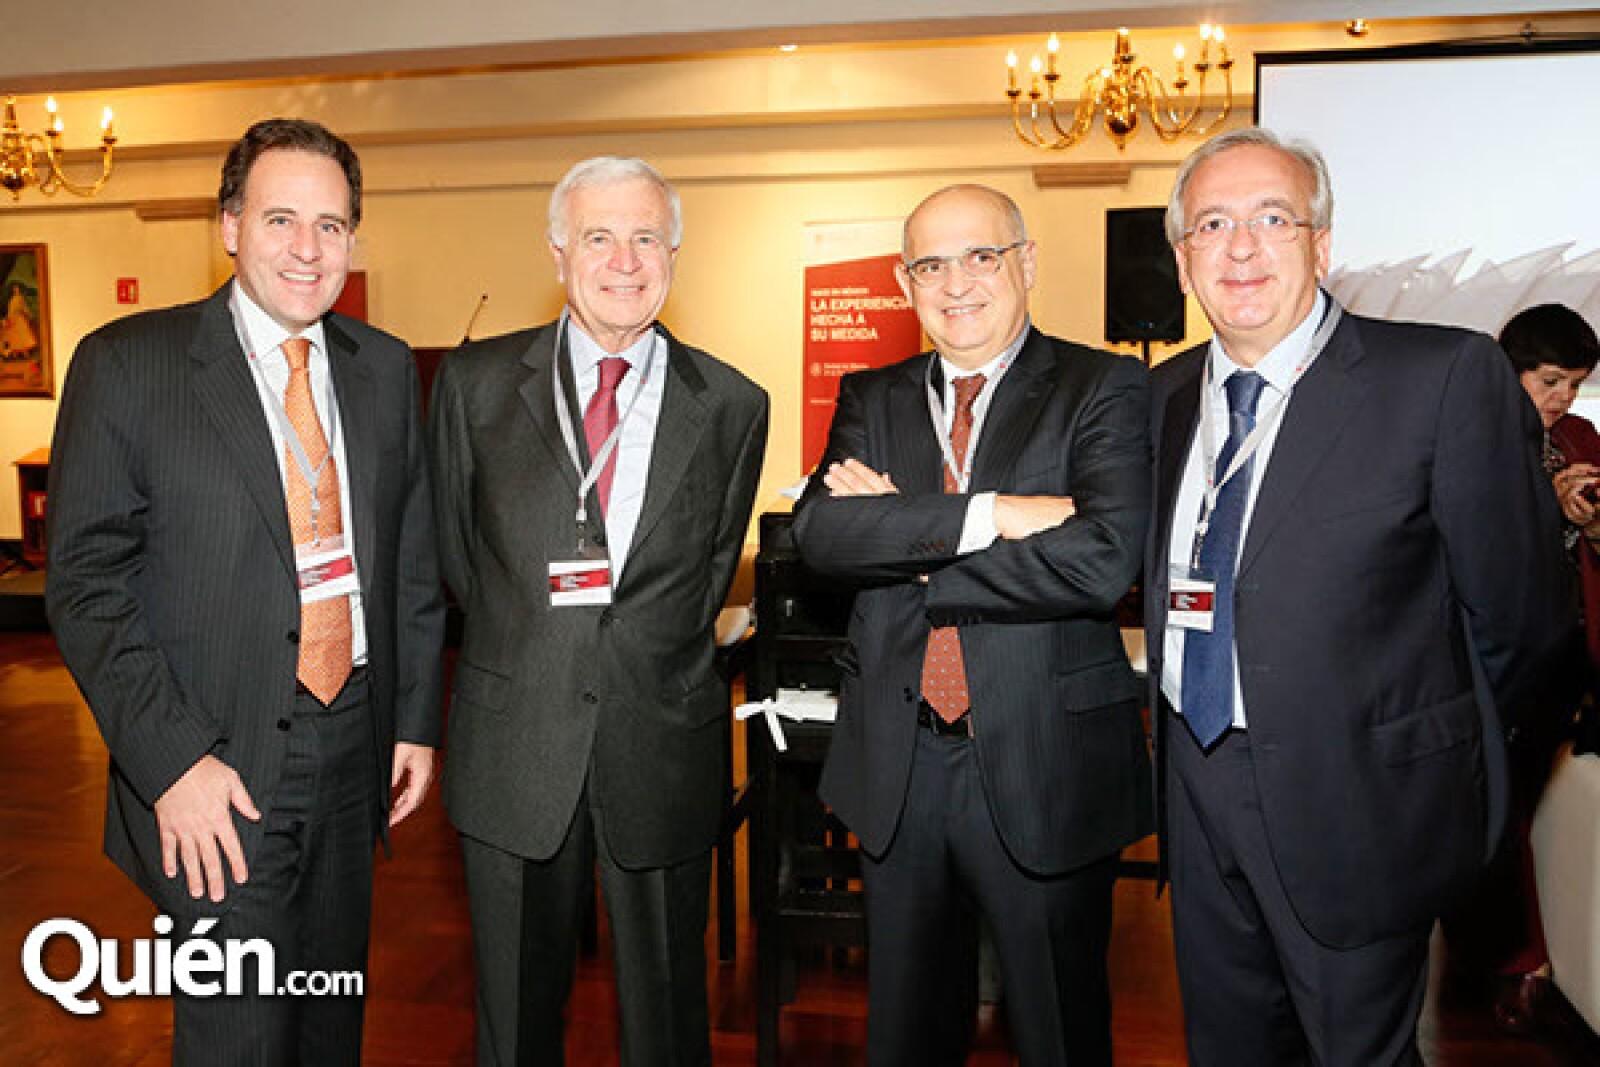 Carlos Cannizzo,Roberto Cannizzo,Raoul Ascari y Salvatore Briano